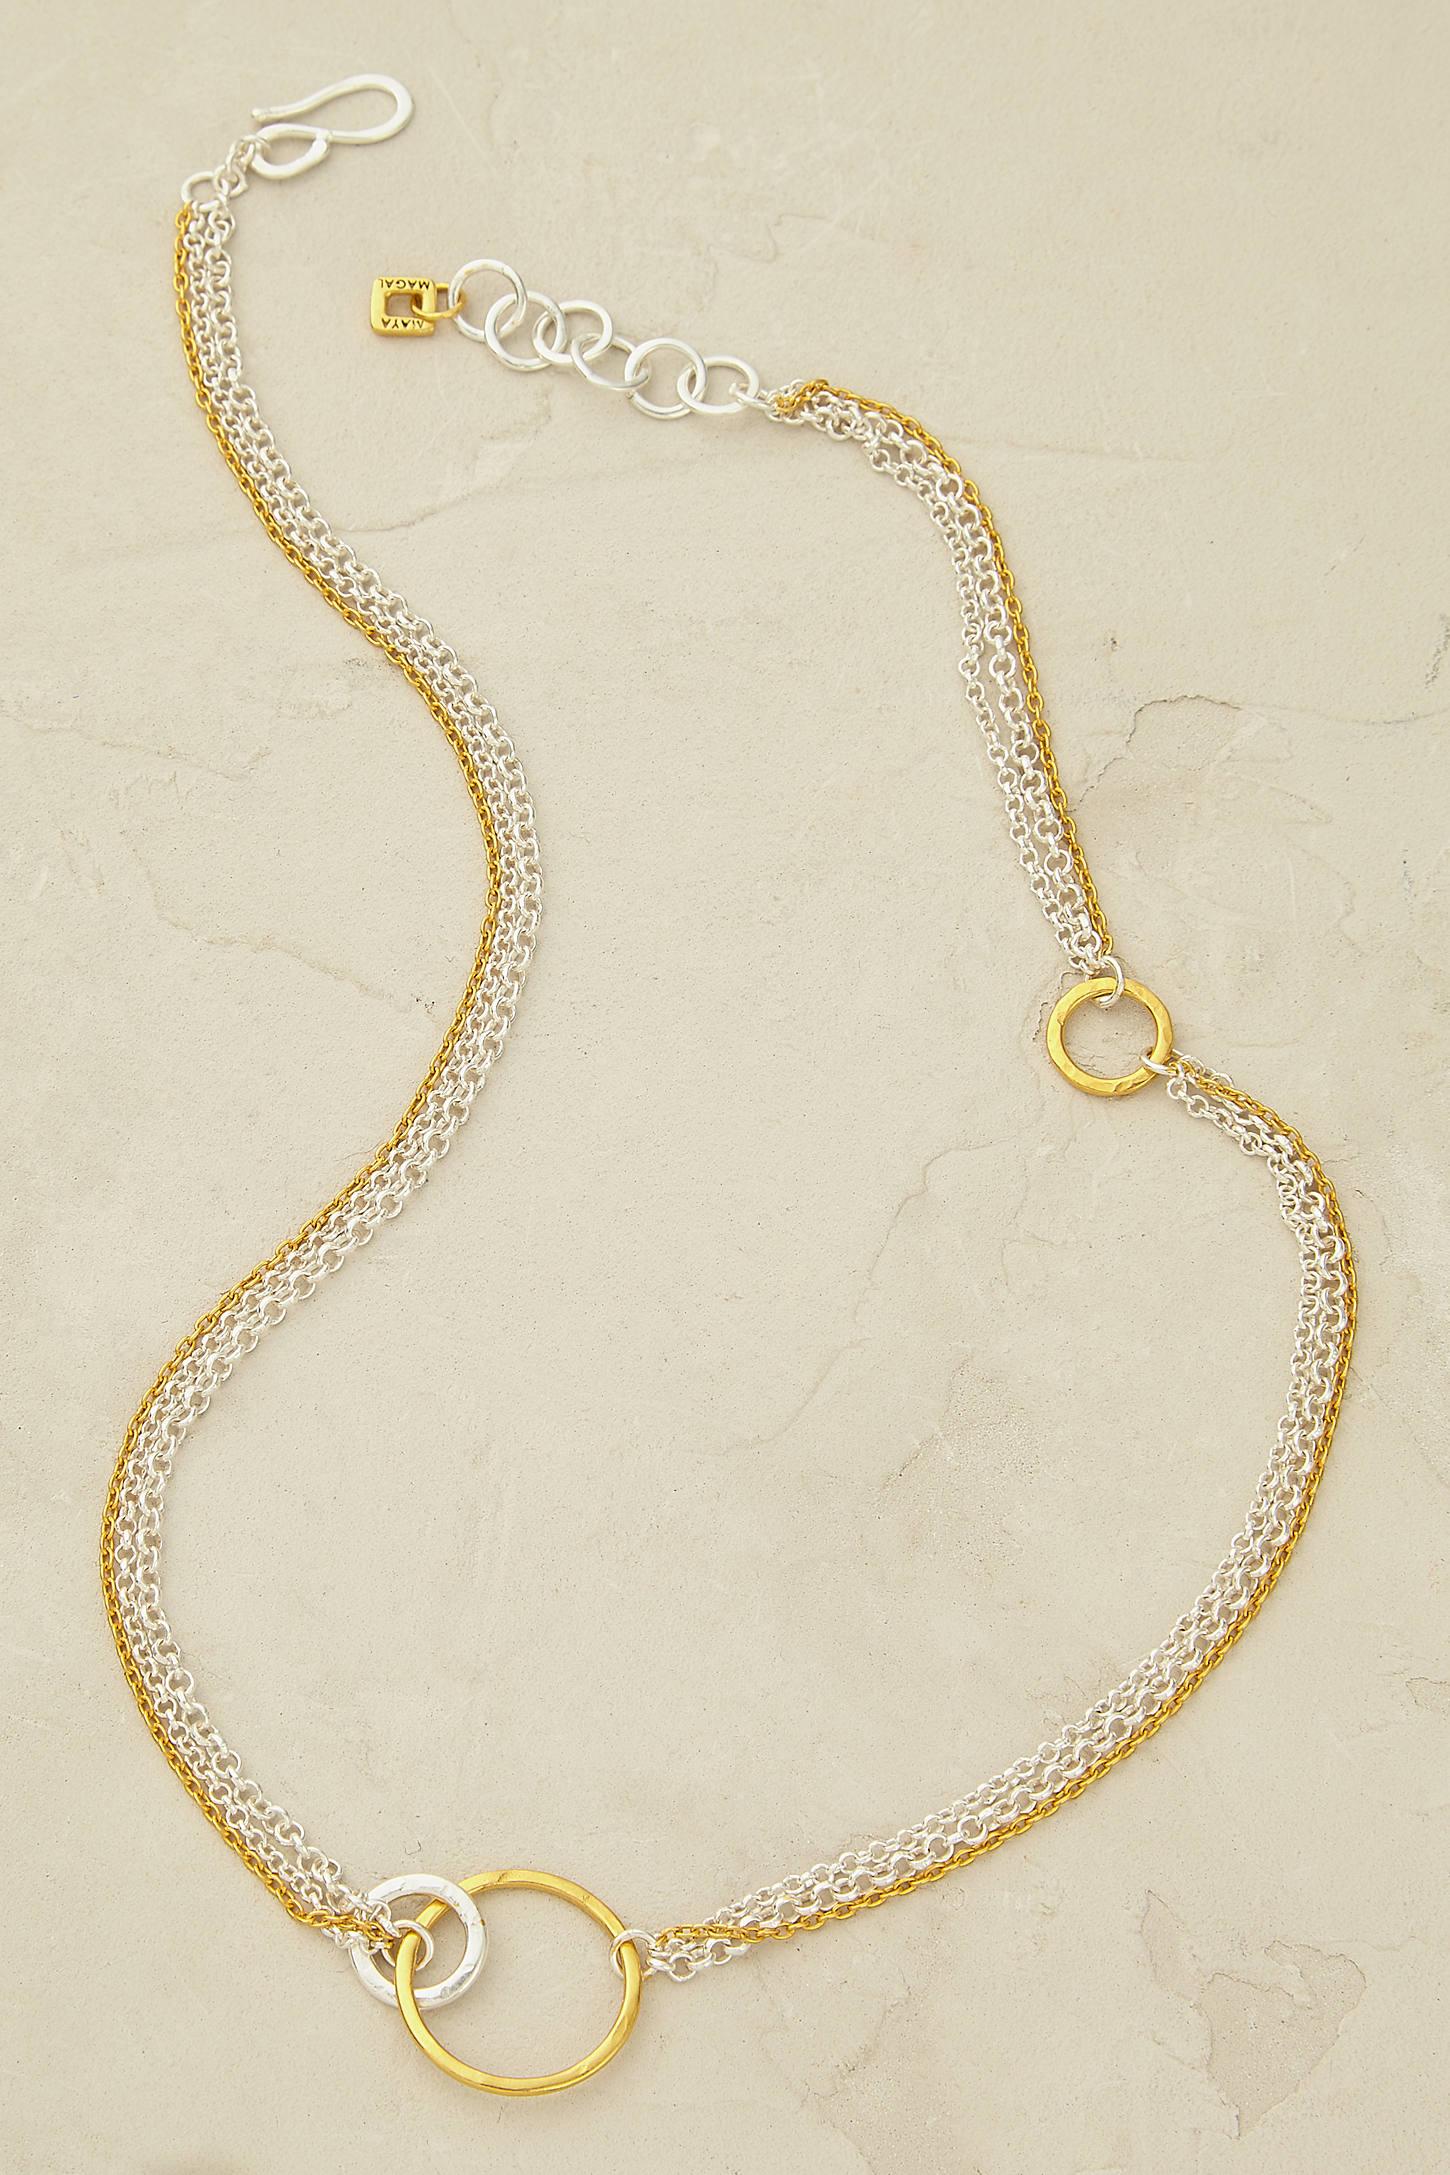 Maya Magal Alyssa Hoop Necklace